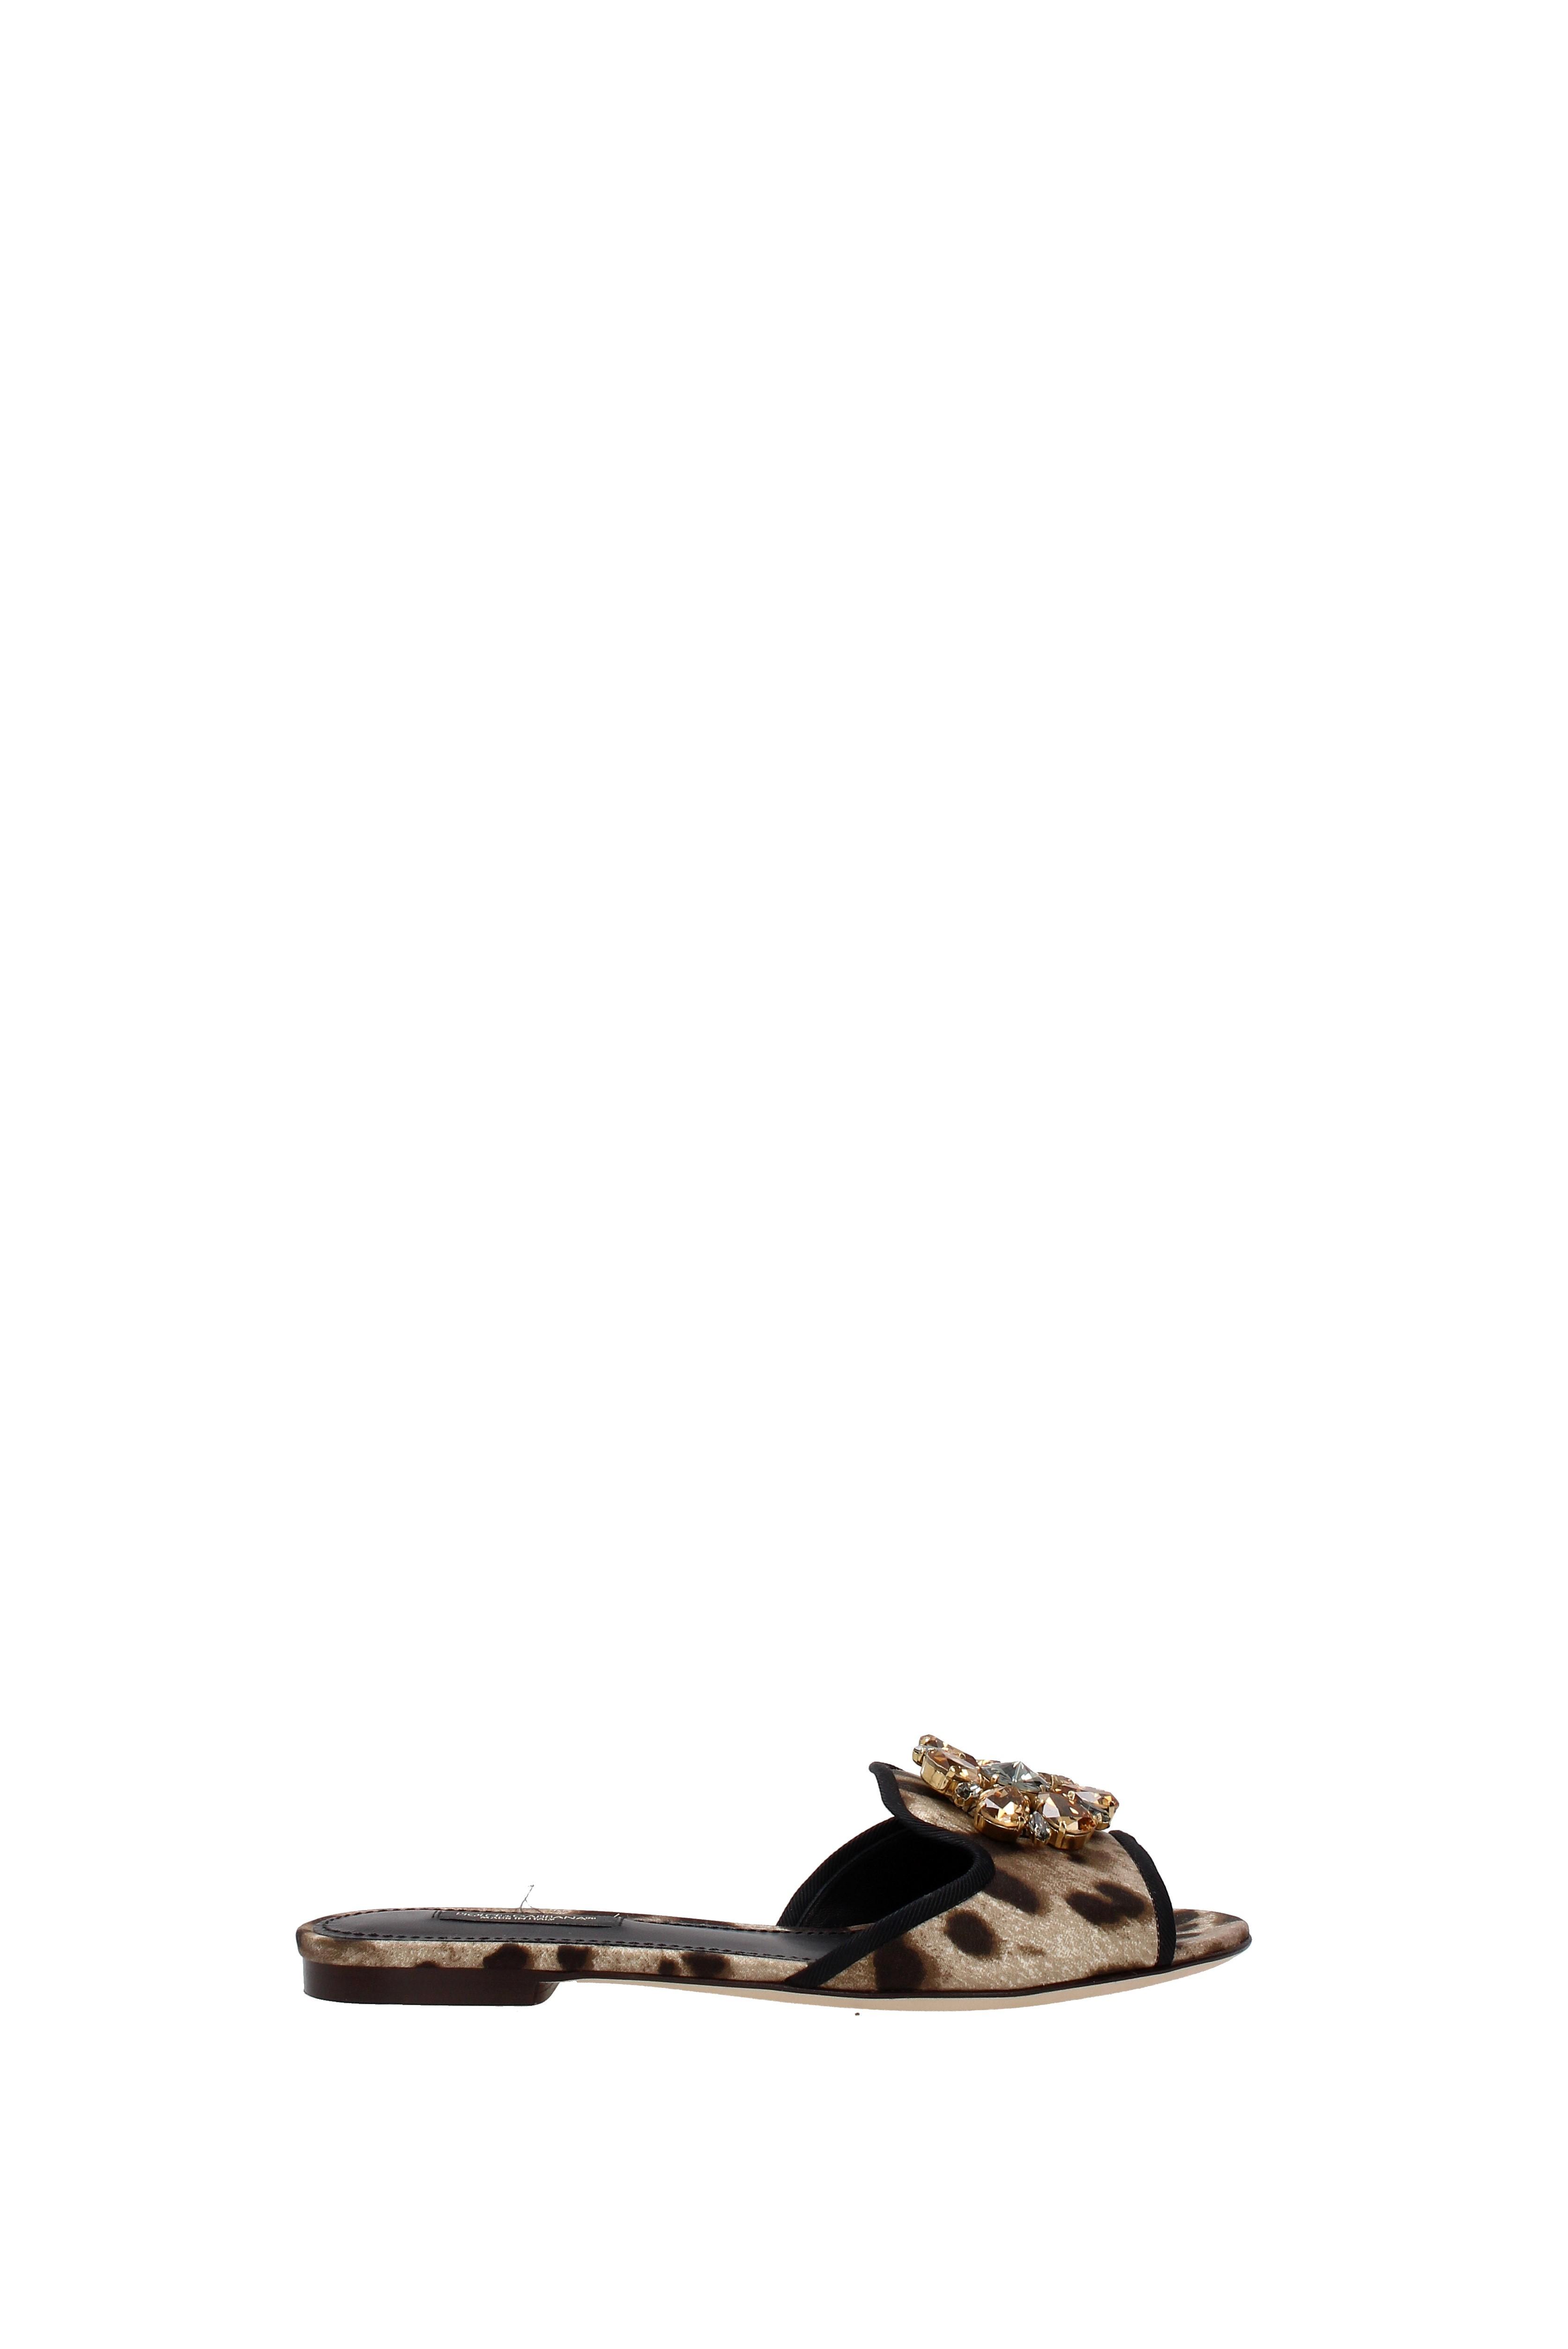 Flip-Flops Flip-Flops Flip-Flops und Holzschuhe Dolce&Gabbana Damen - Stoff (CQ0023AG411) e8ee20